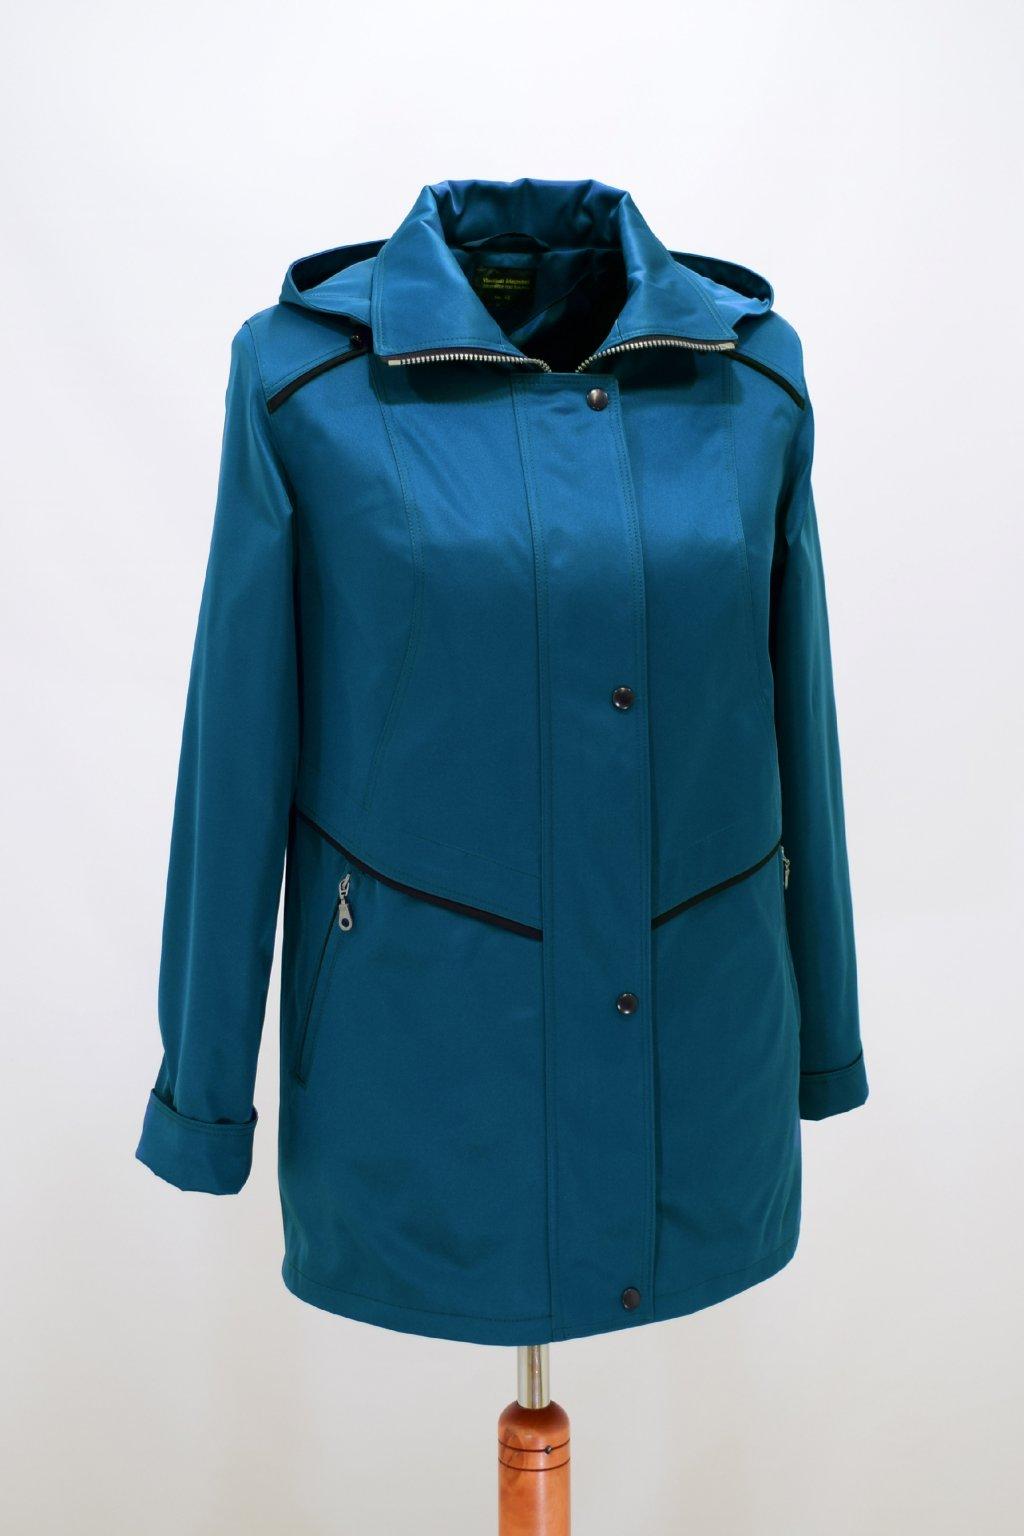 Dámská petrolová jarní bunda Edita nadměrné velikosti.